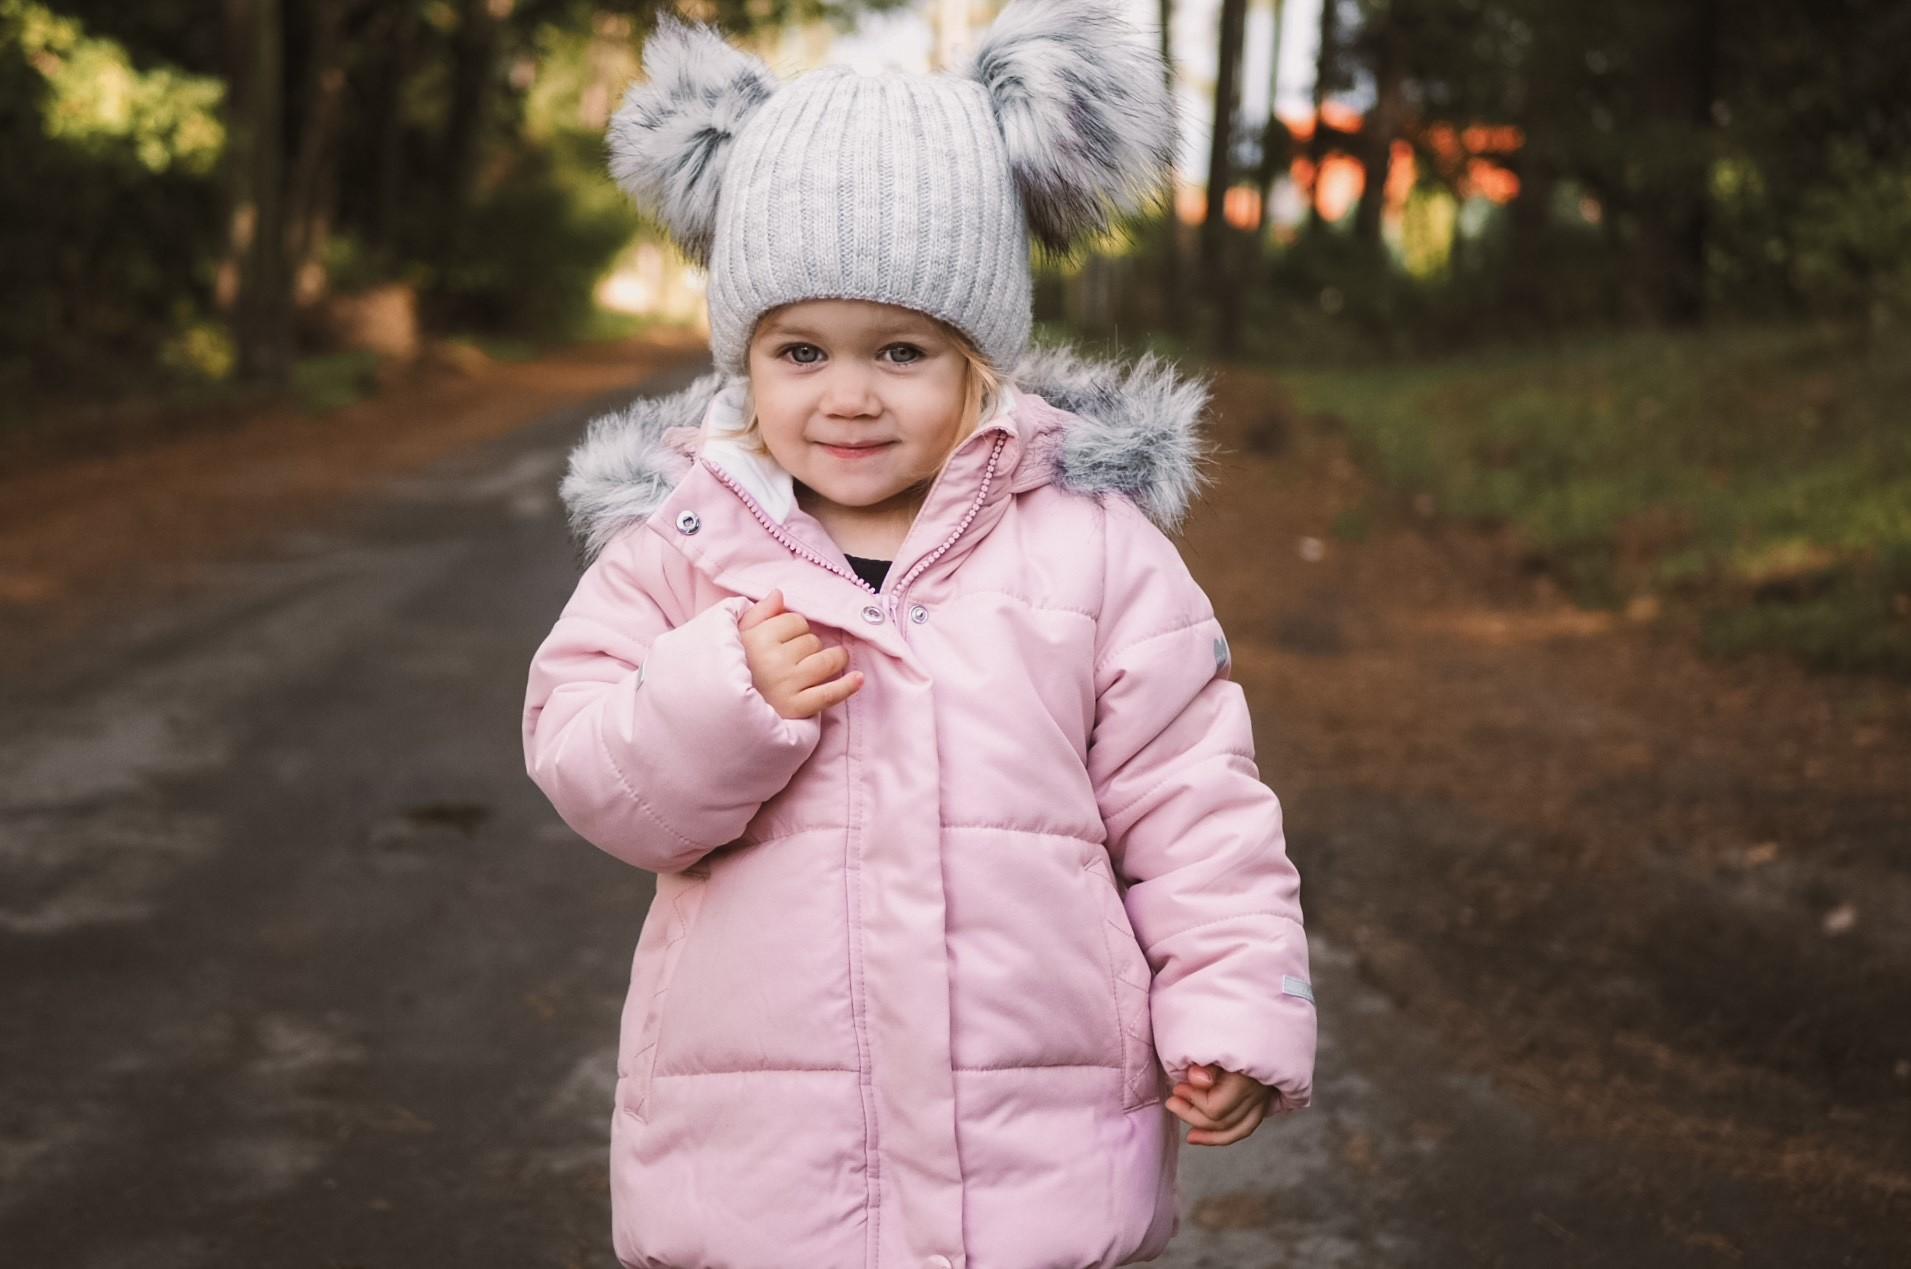 Mała dziewczynka w różowej kurtce i czapce na głowie.